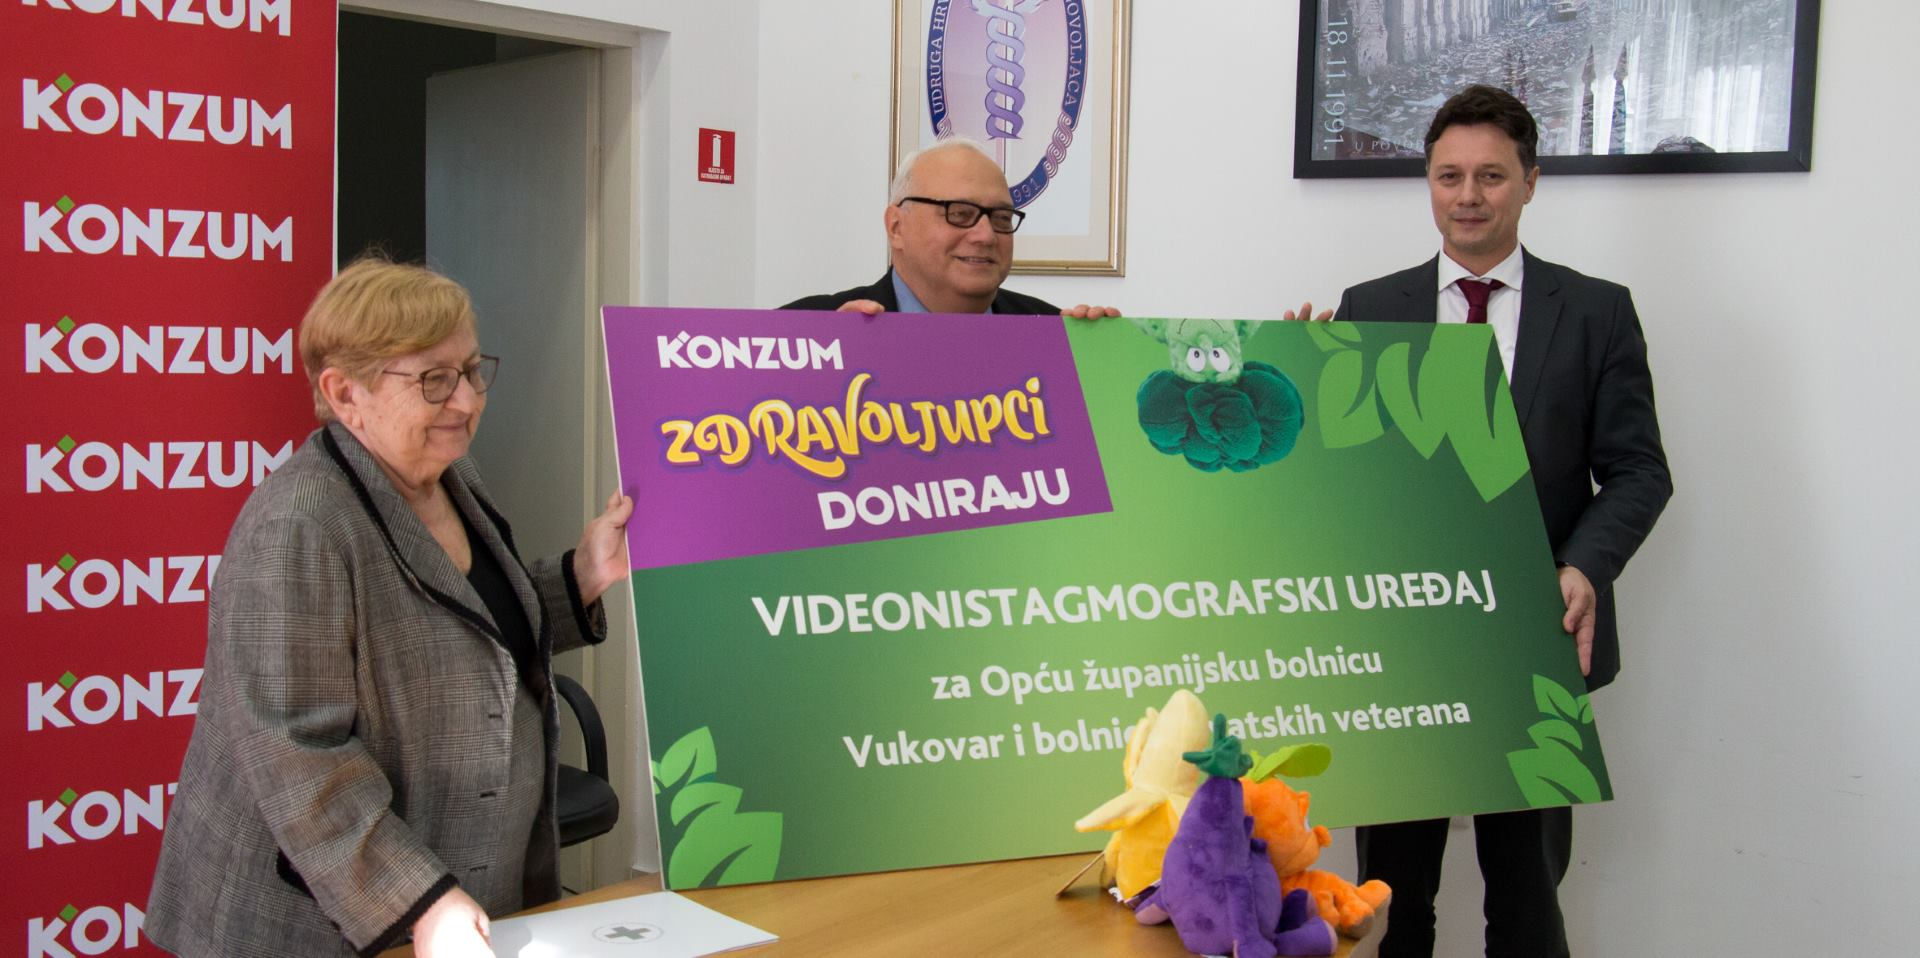 Konzum donirao uređaj Općoj županijskoj bolnici Vukovar i bolnici hrvatskih veterana